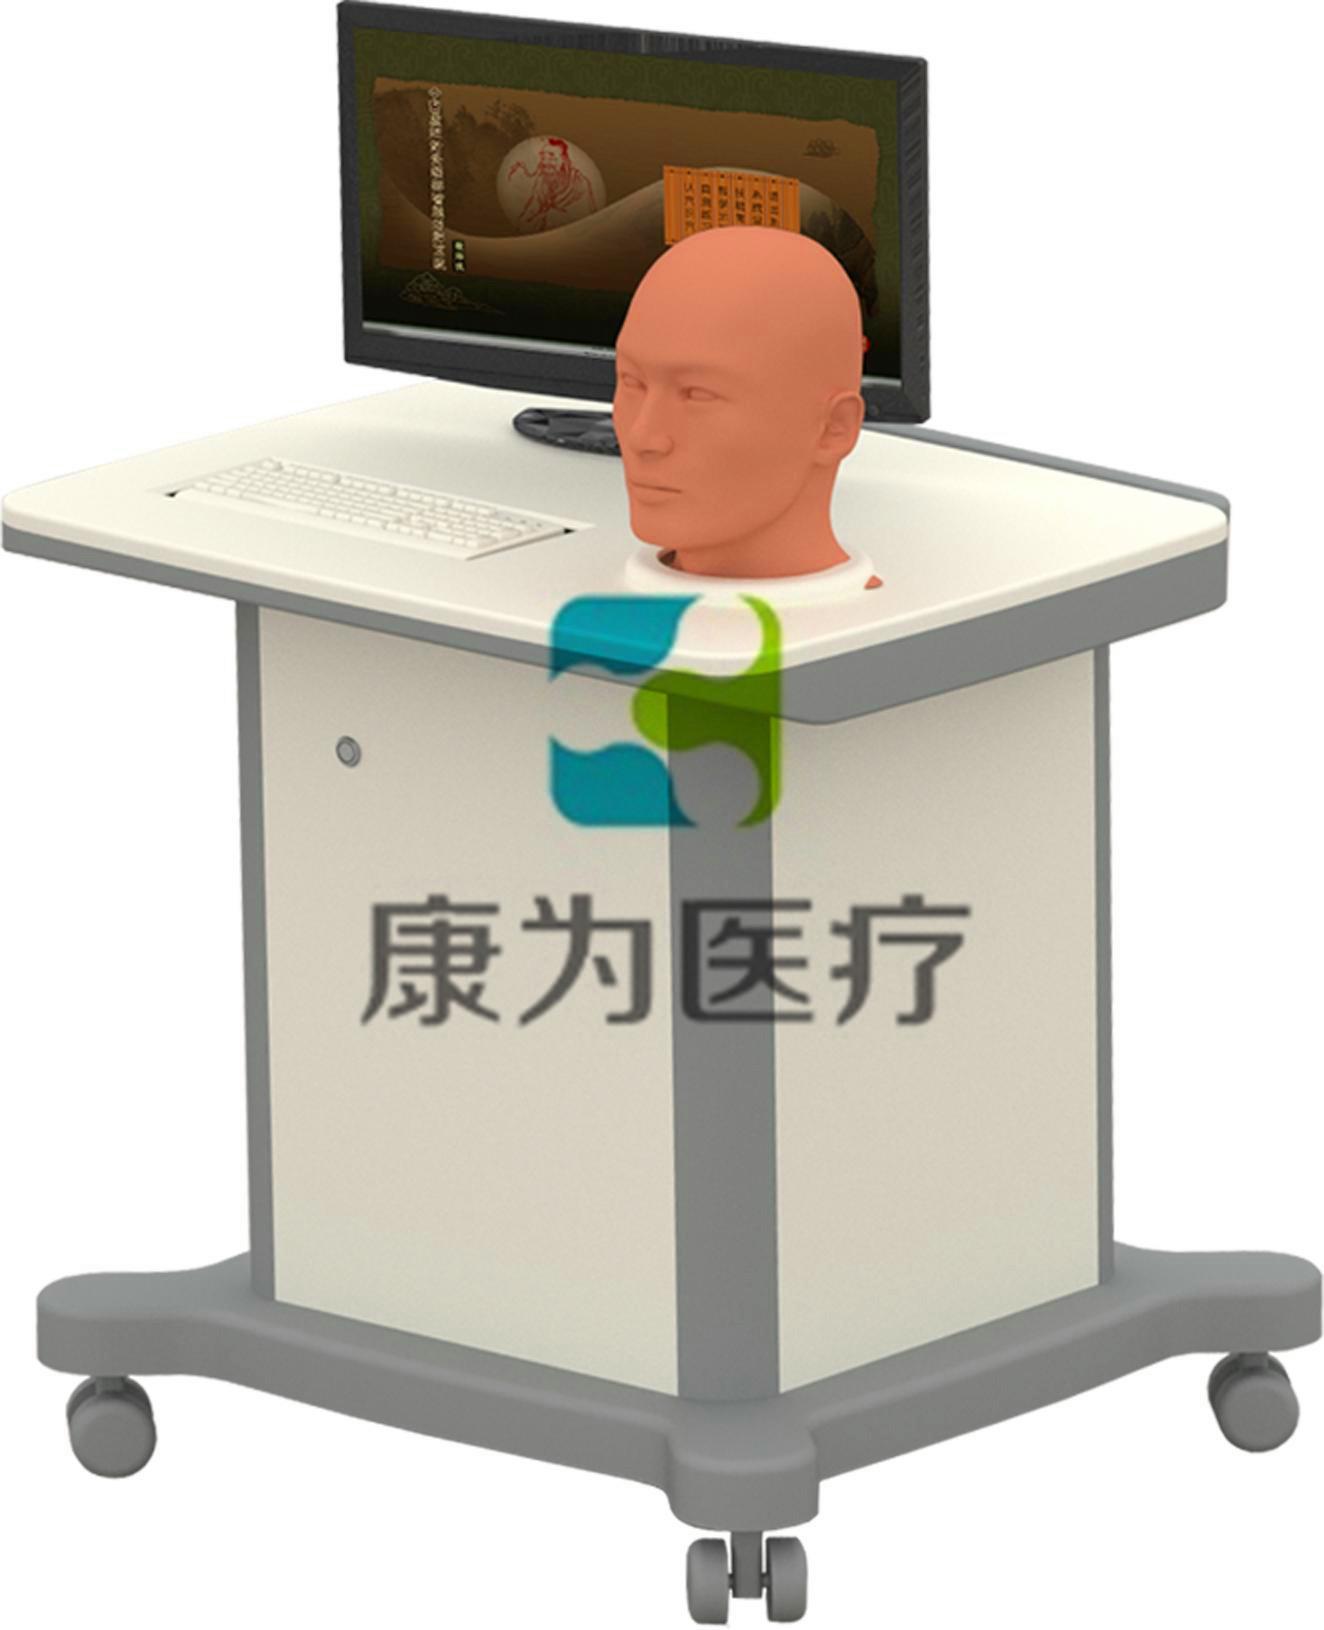 """""""万万博体育官网医疗""""中医虚拟头部针灸智能考评系统"""